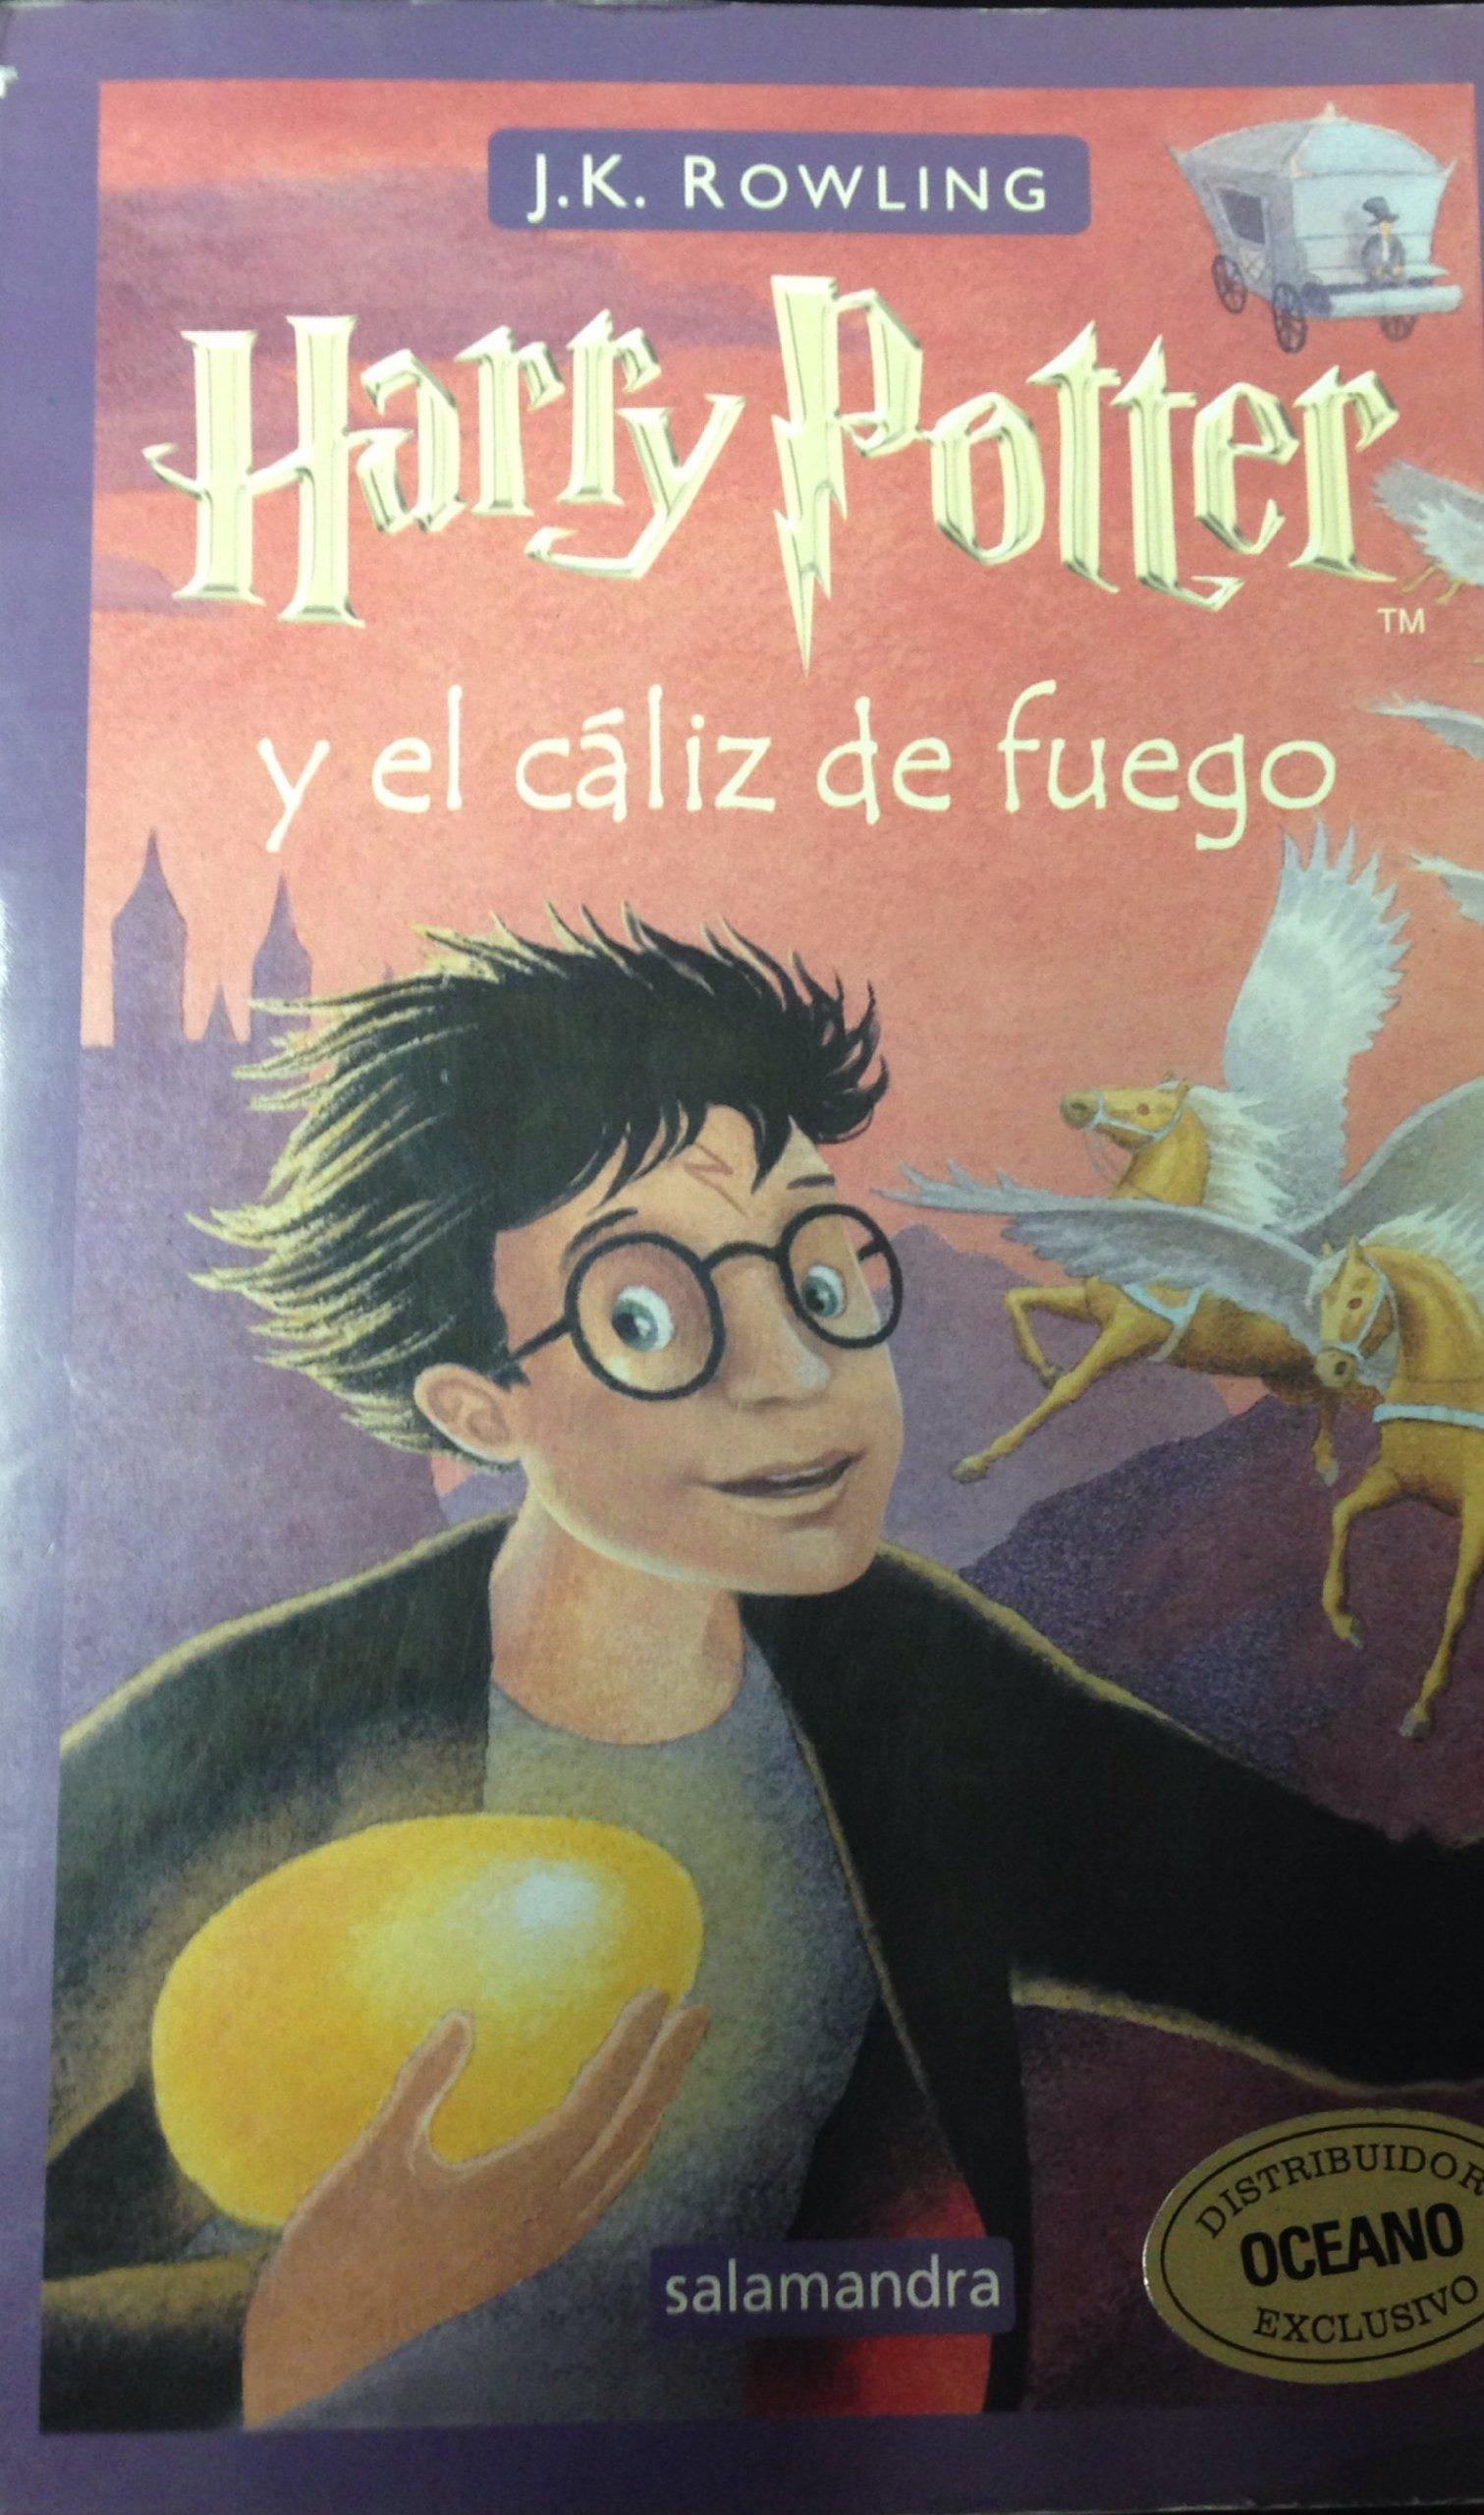 Harry potter y el caliz de fuego: Amazon.es: Rowling, J. K.: Libros